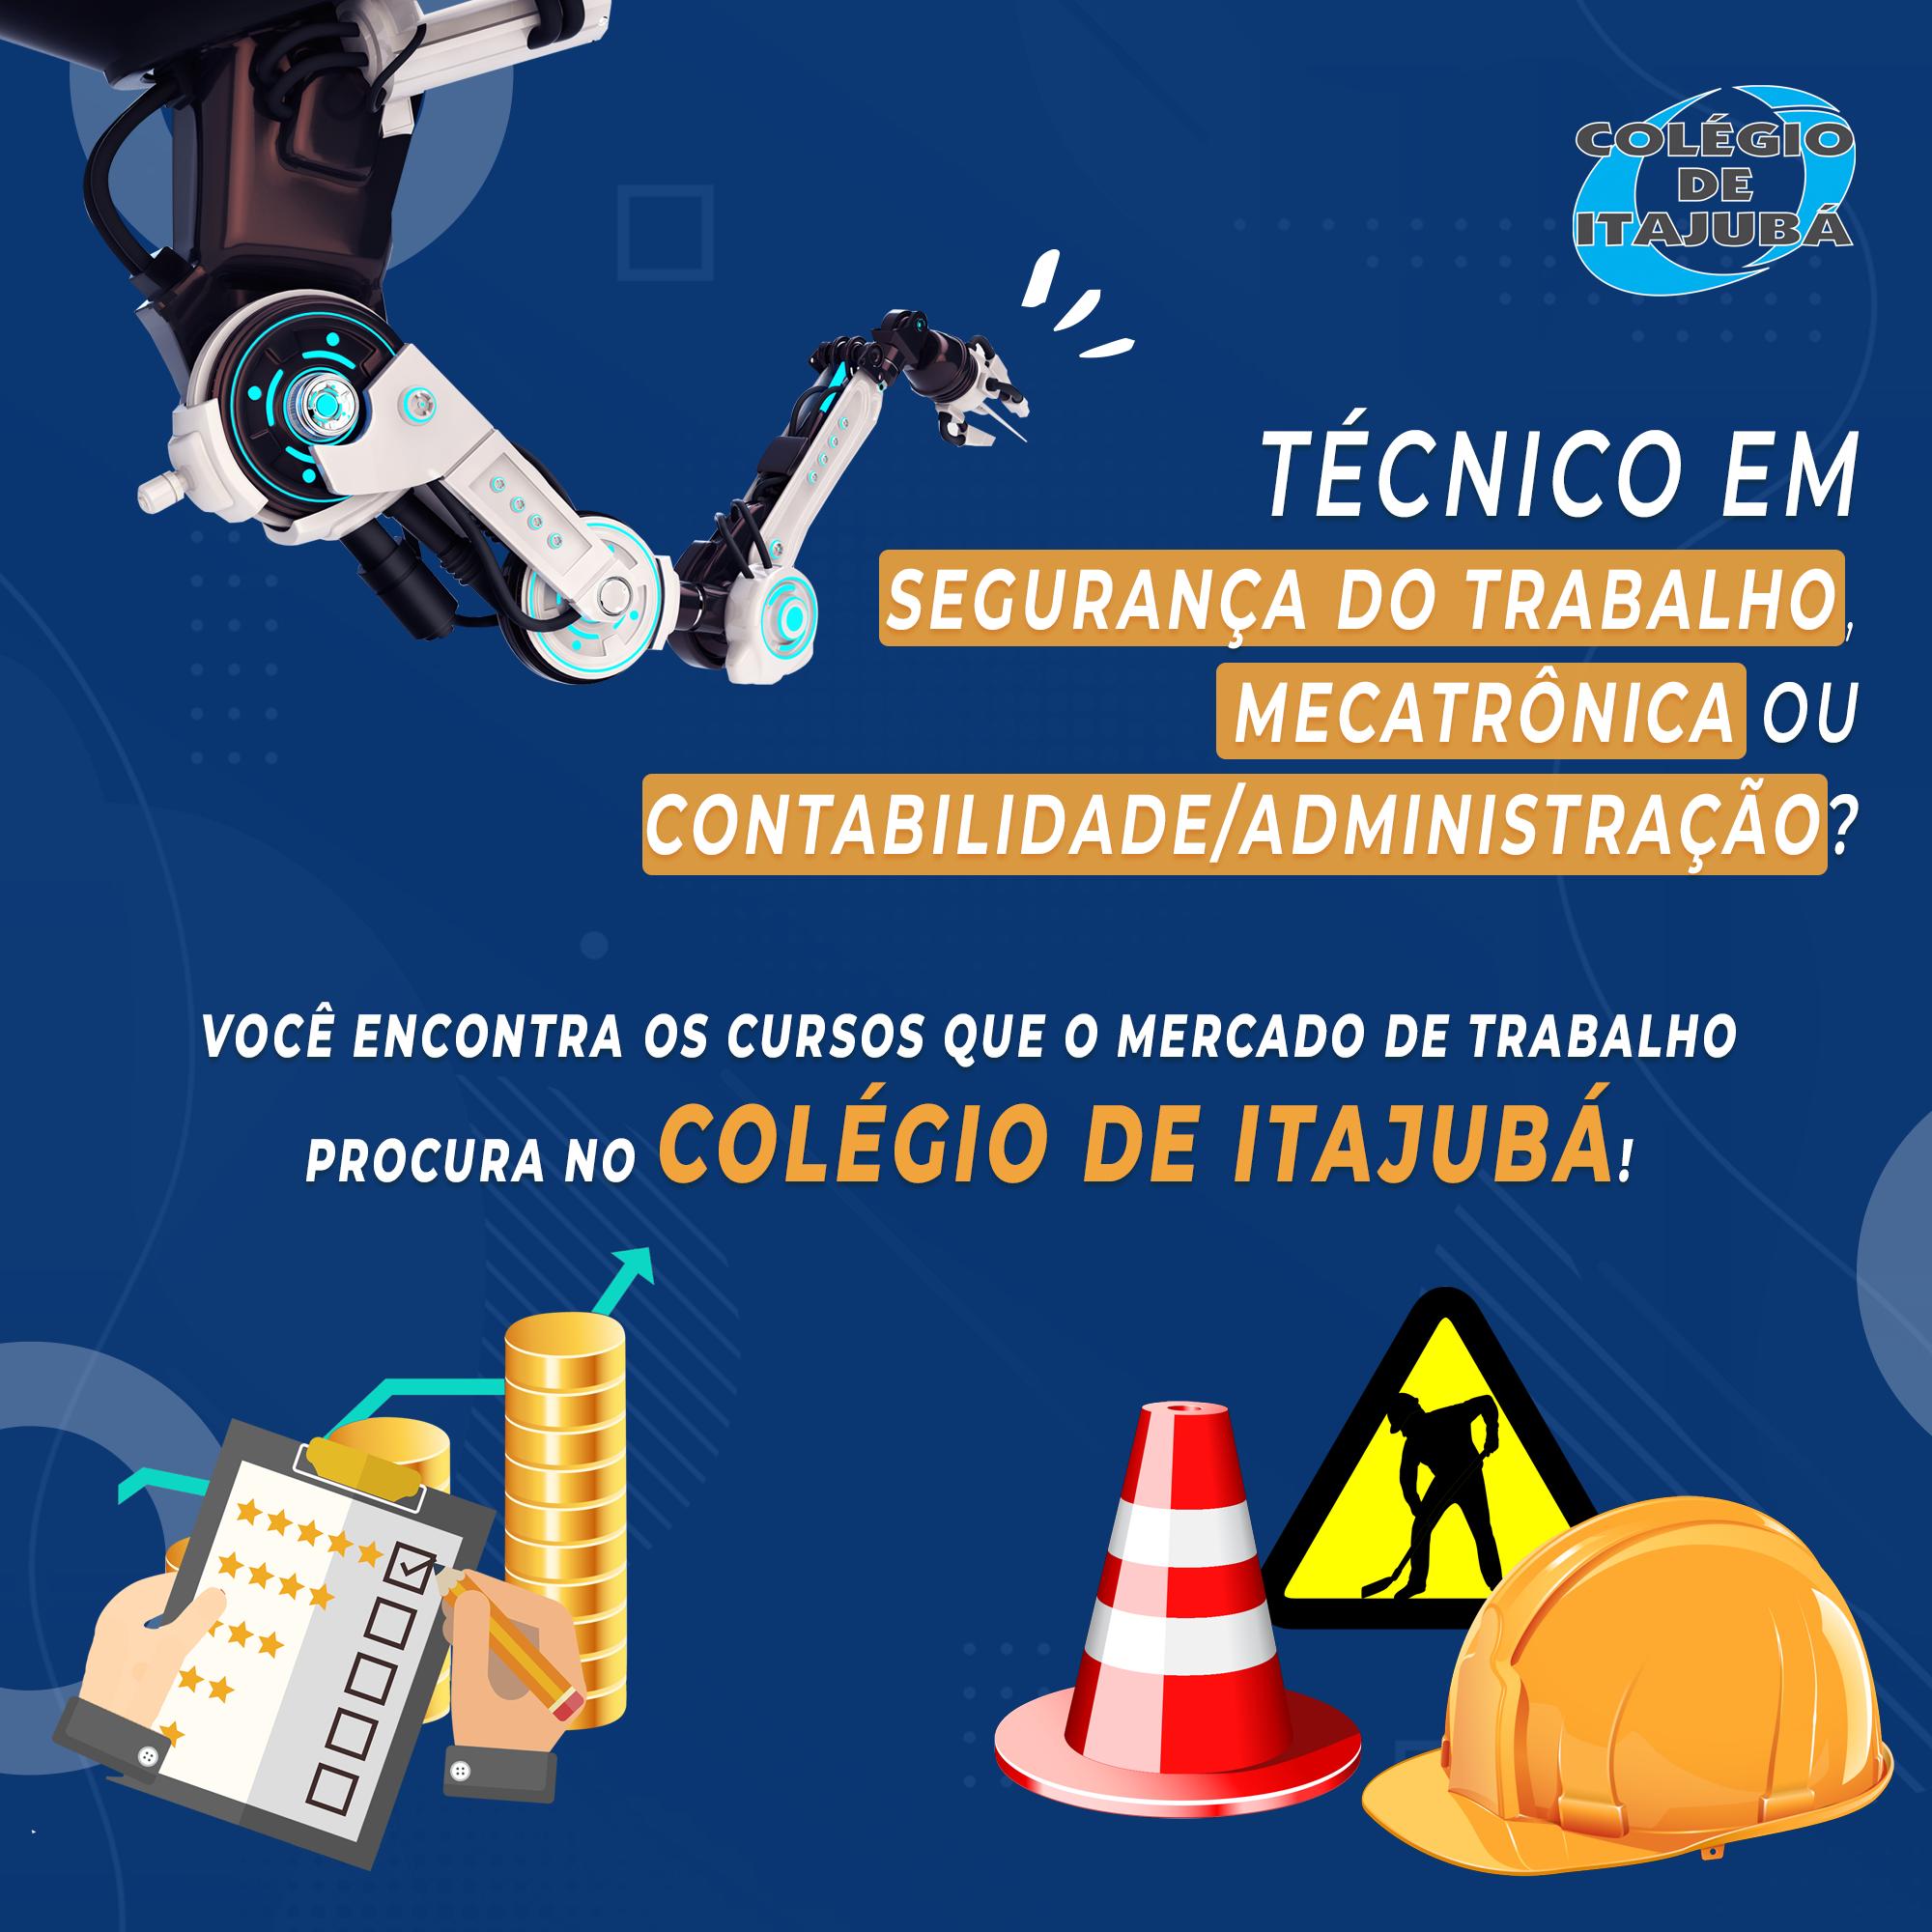 Matricule-se em nossos cursos técnicos!